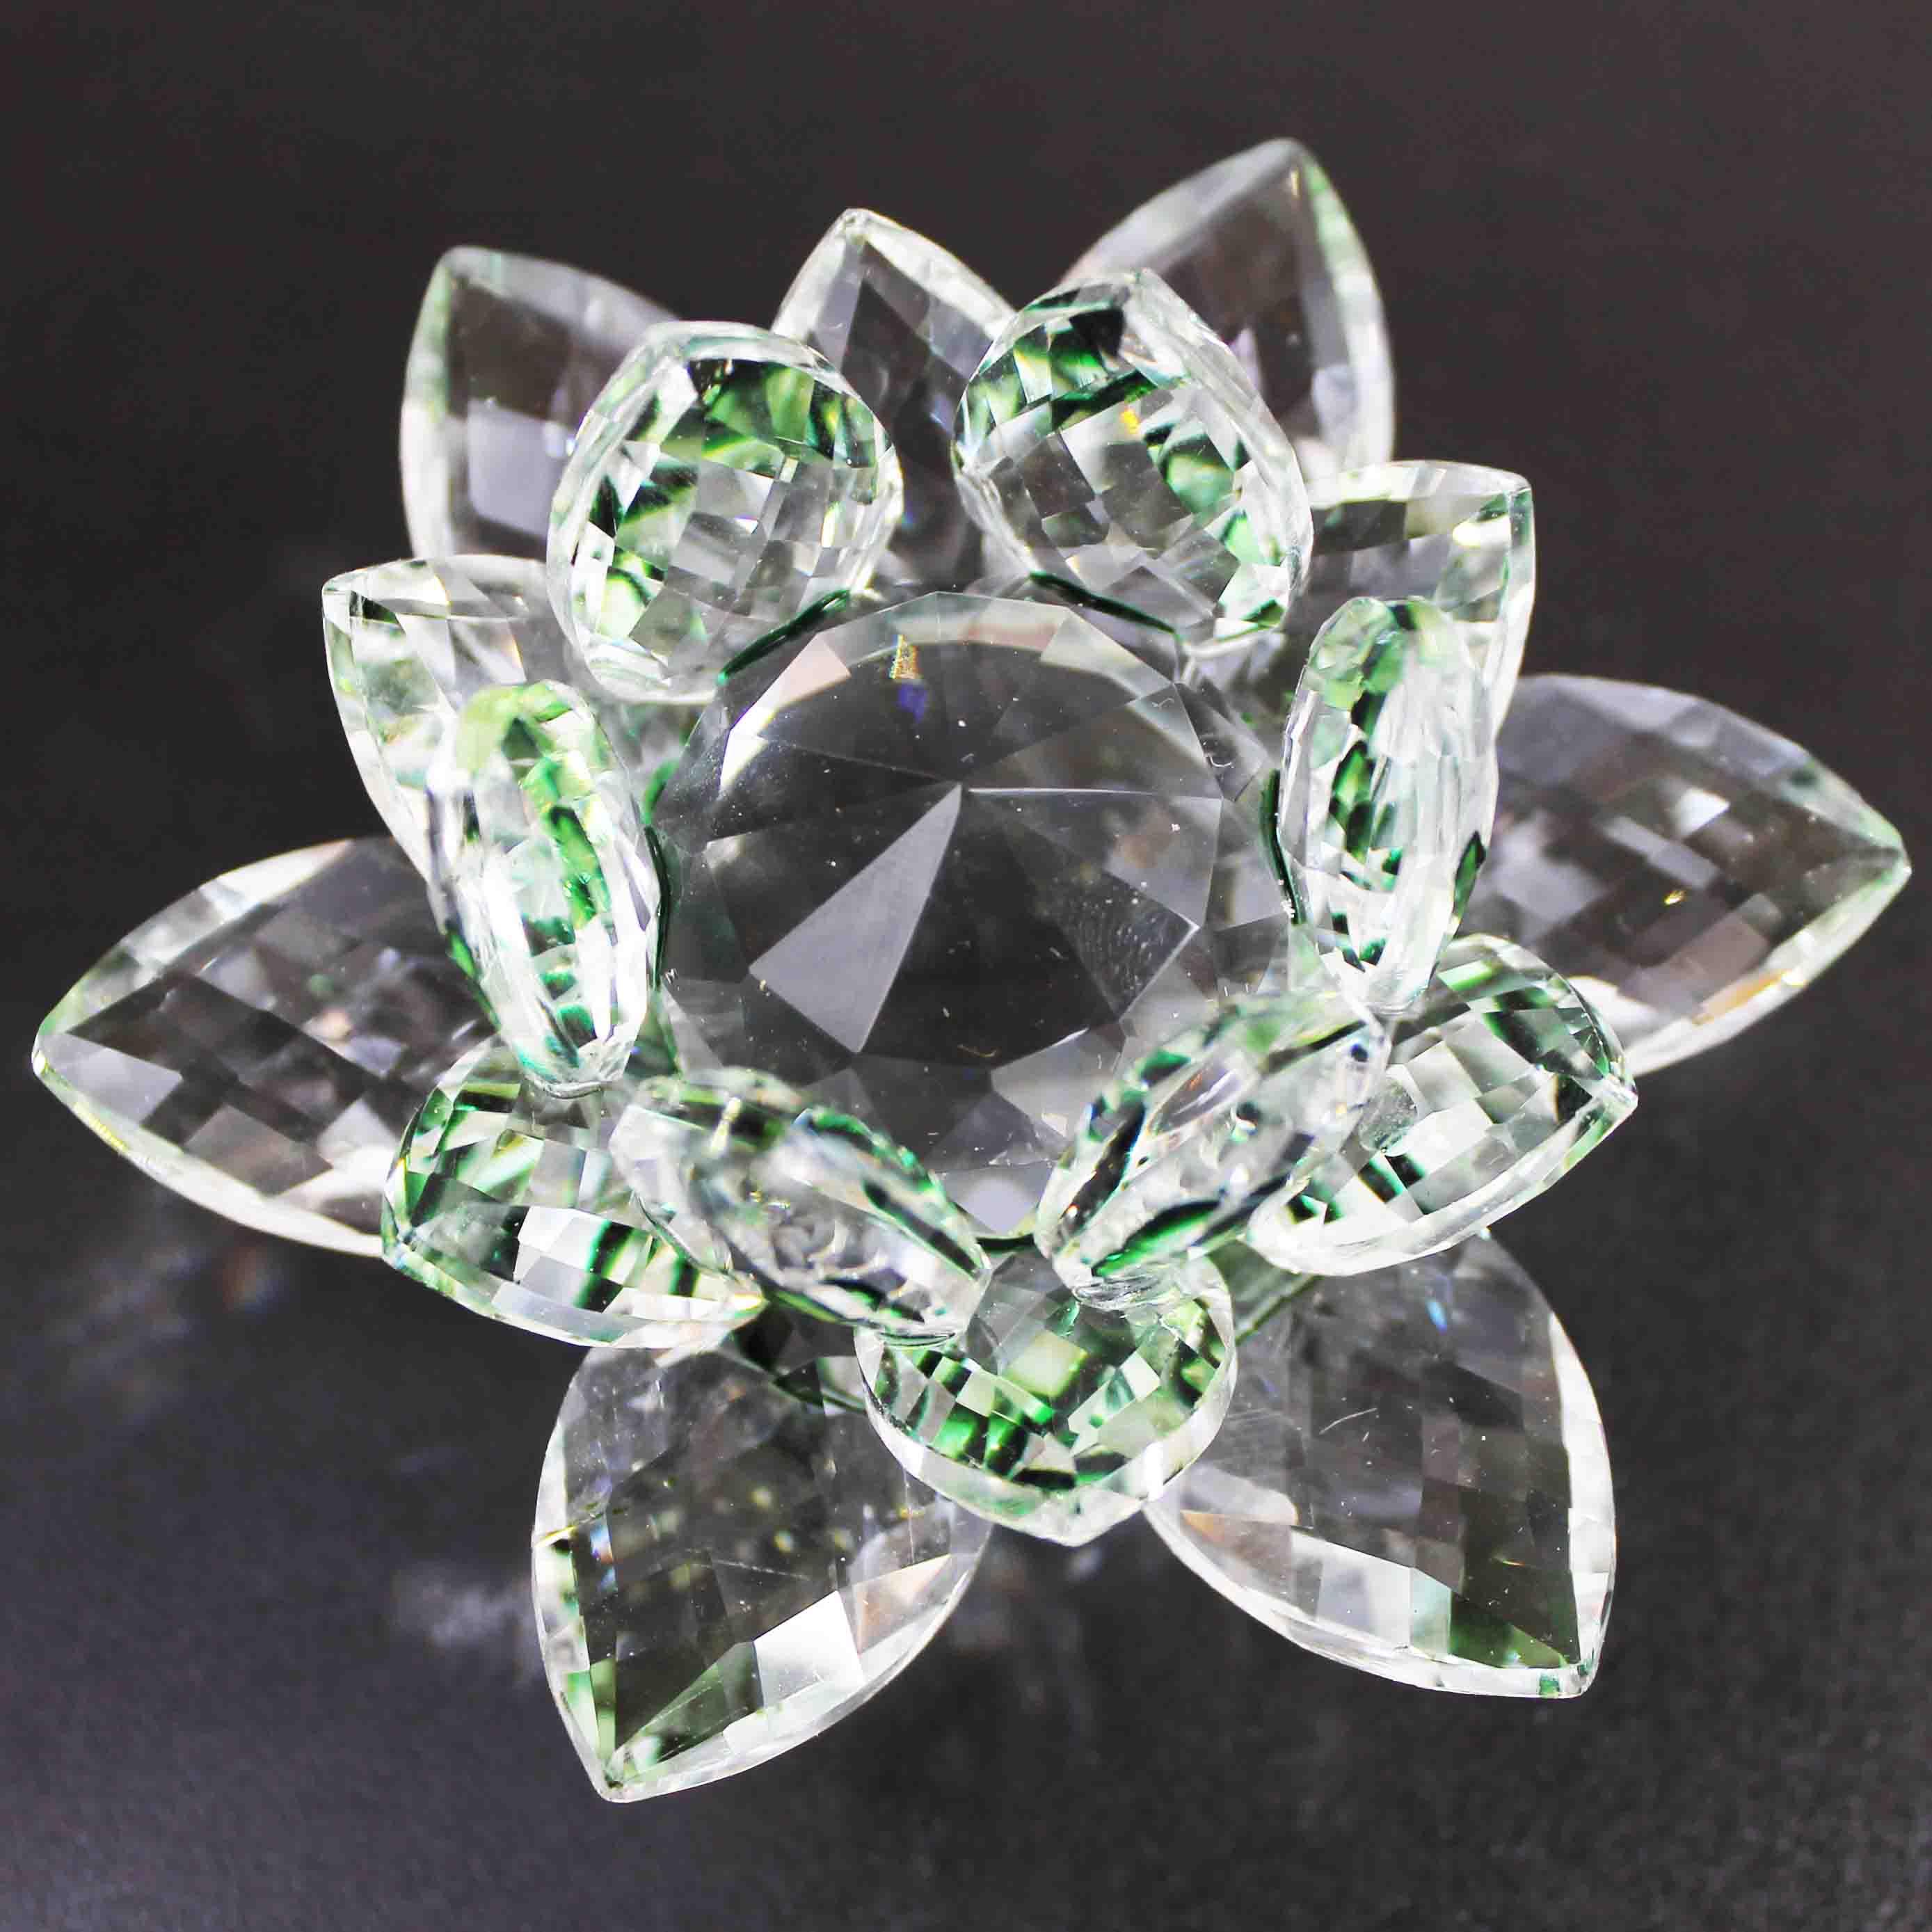 クリスタルガラス蓮花台 グリーンカラー 小サイズ  品番: 10089